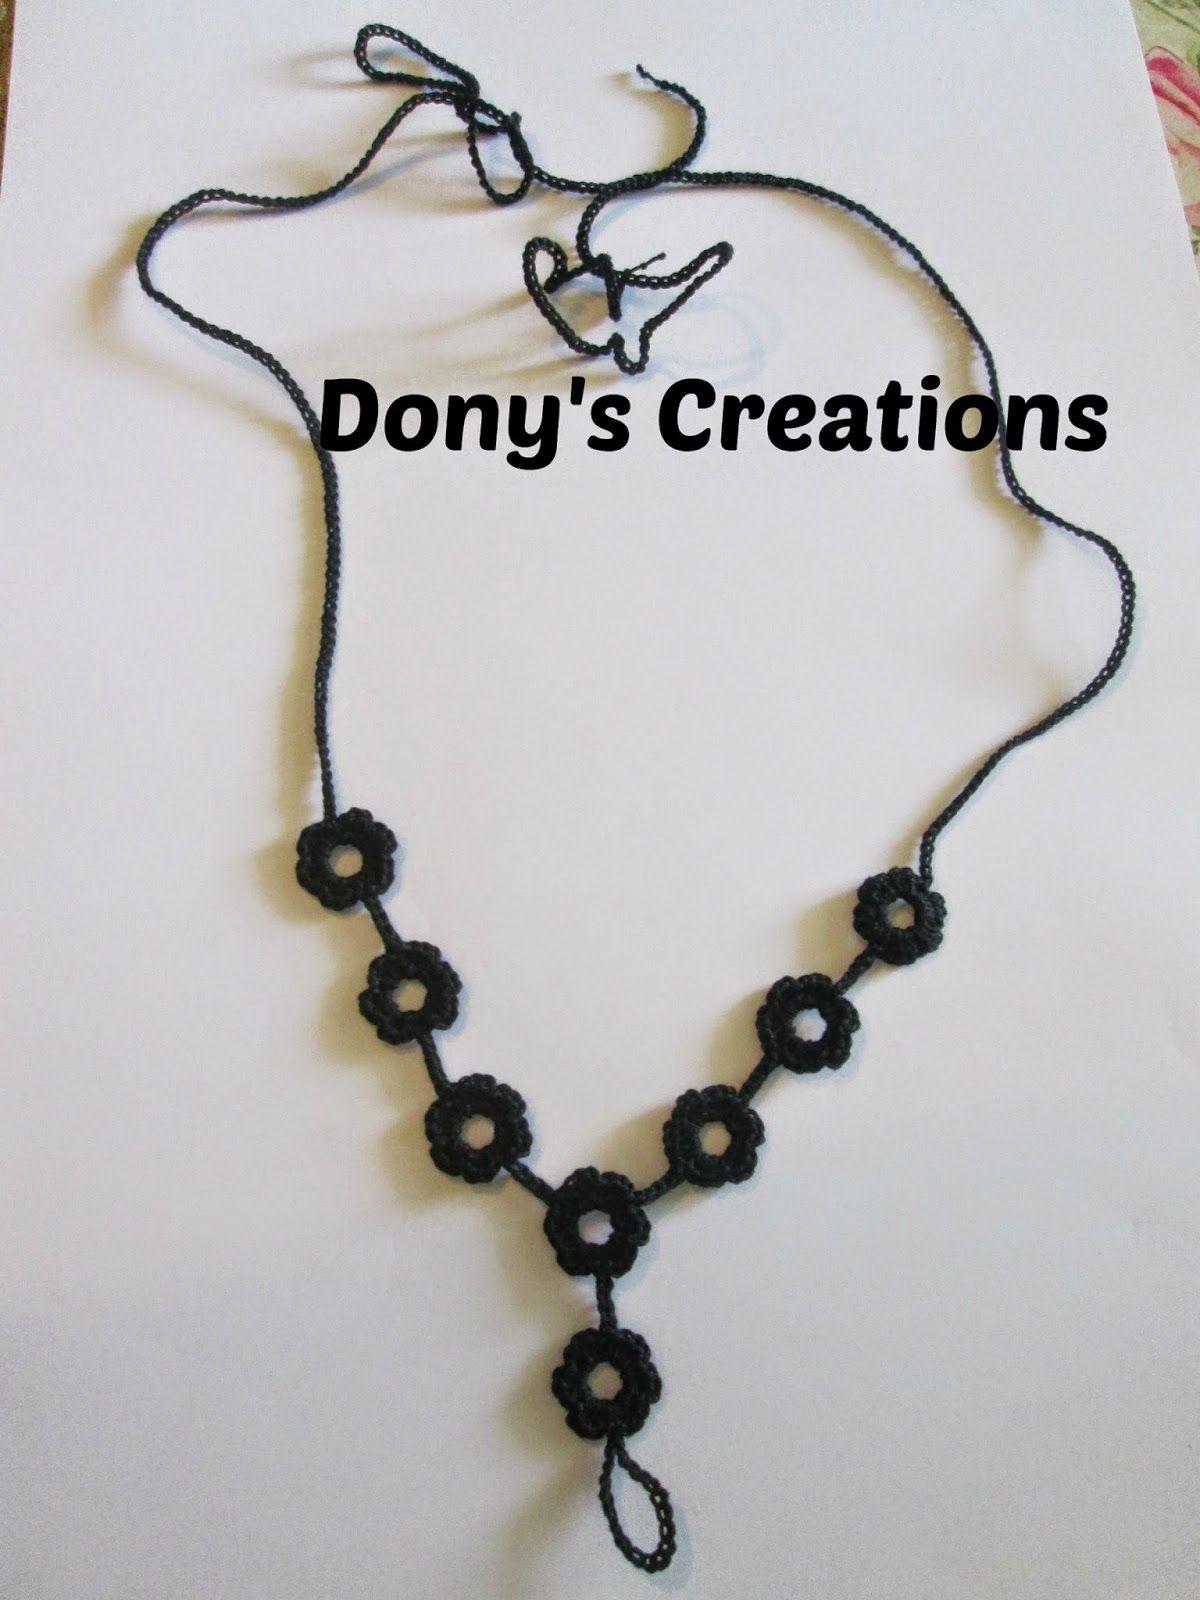 Creaciones de Dony por Donatella Saralli: Patrones Gratis ...